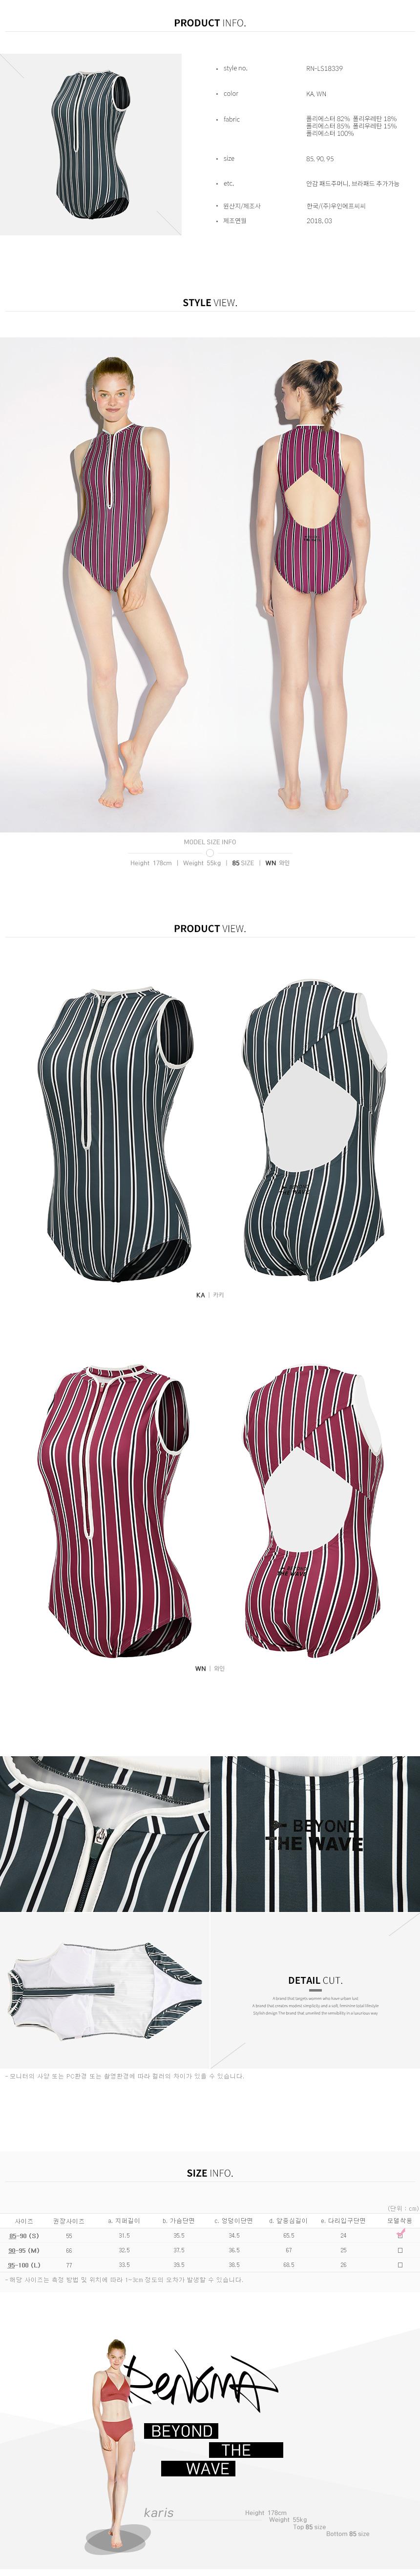 레노마수영복(RENOMASWIM) [TRENDY] 여성 비치 차이나카라 원피스 수영복RN-LS18339